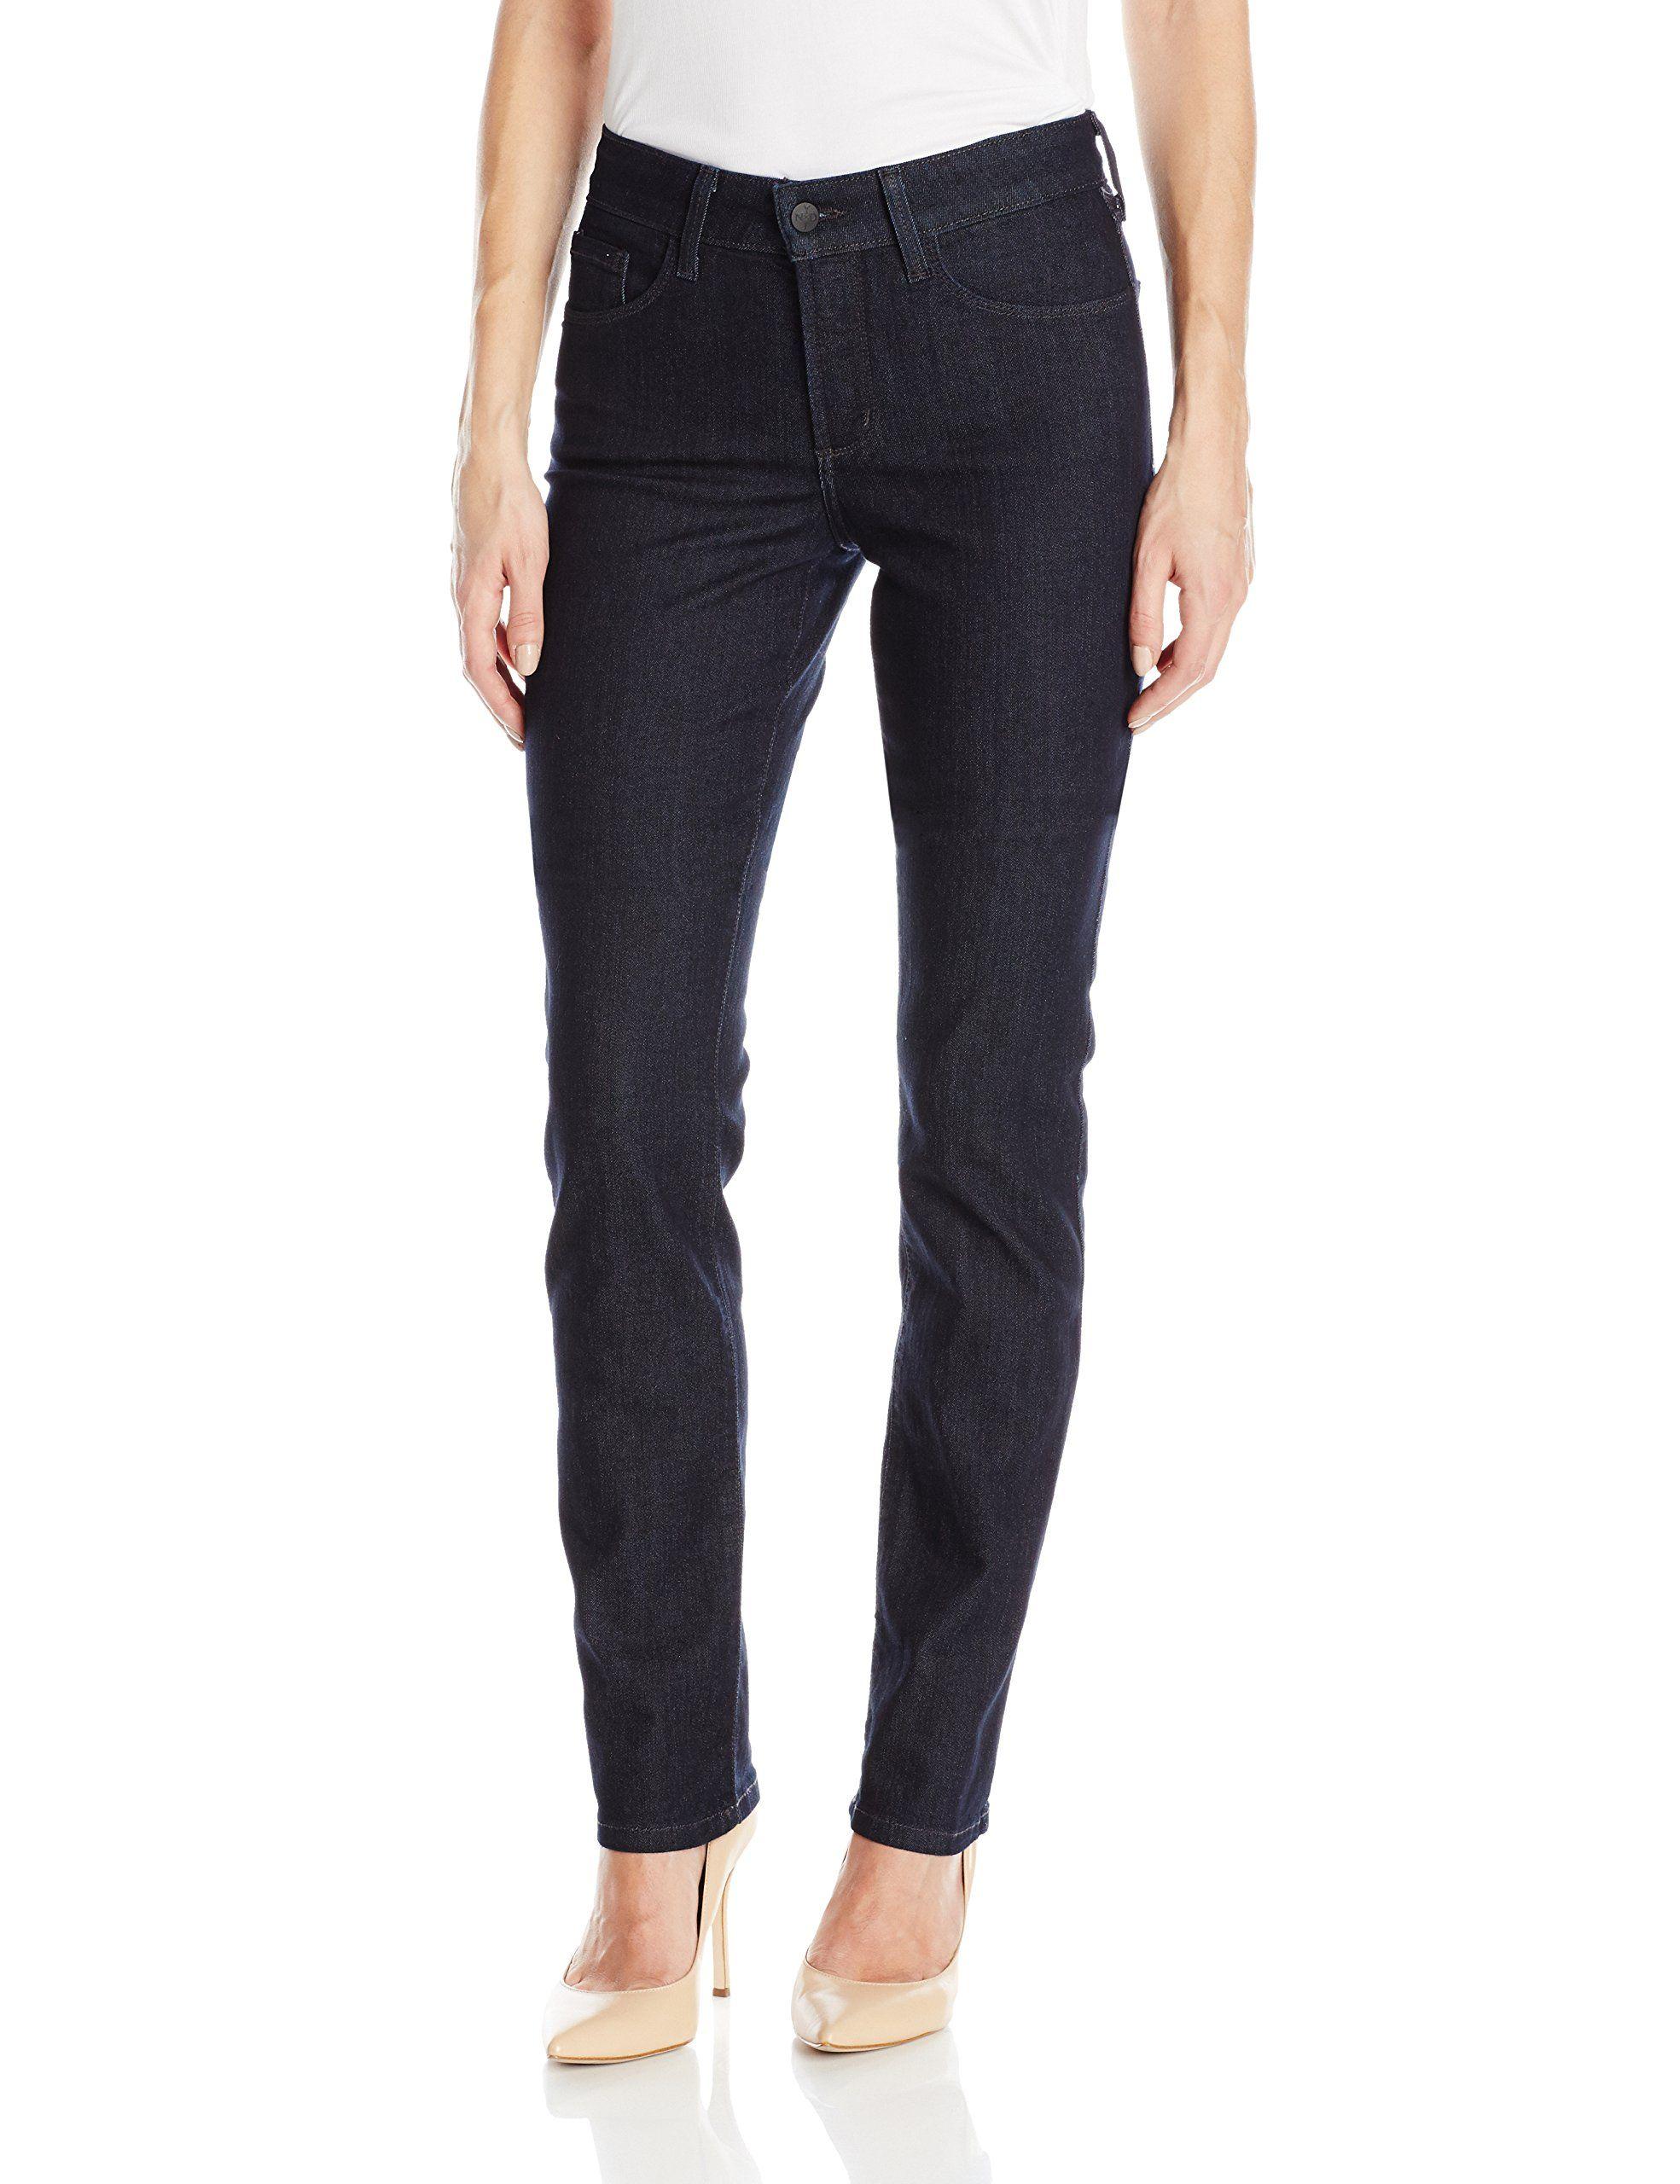 NYDJ Women's Samantha Slim Jeans in Premium Lightweight Denim, Dark Enzyme Wash, 14